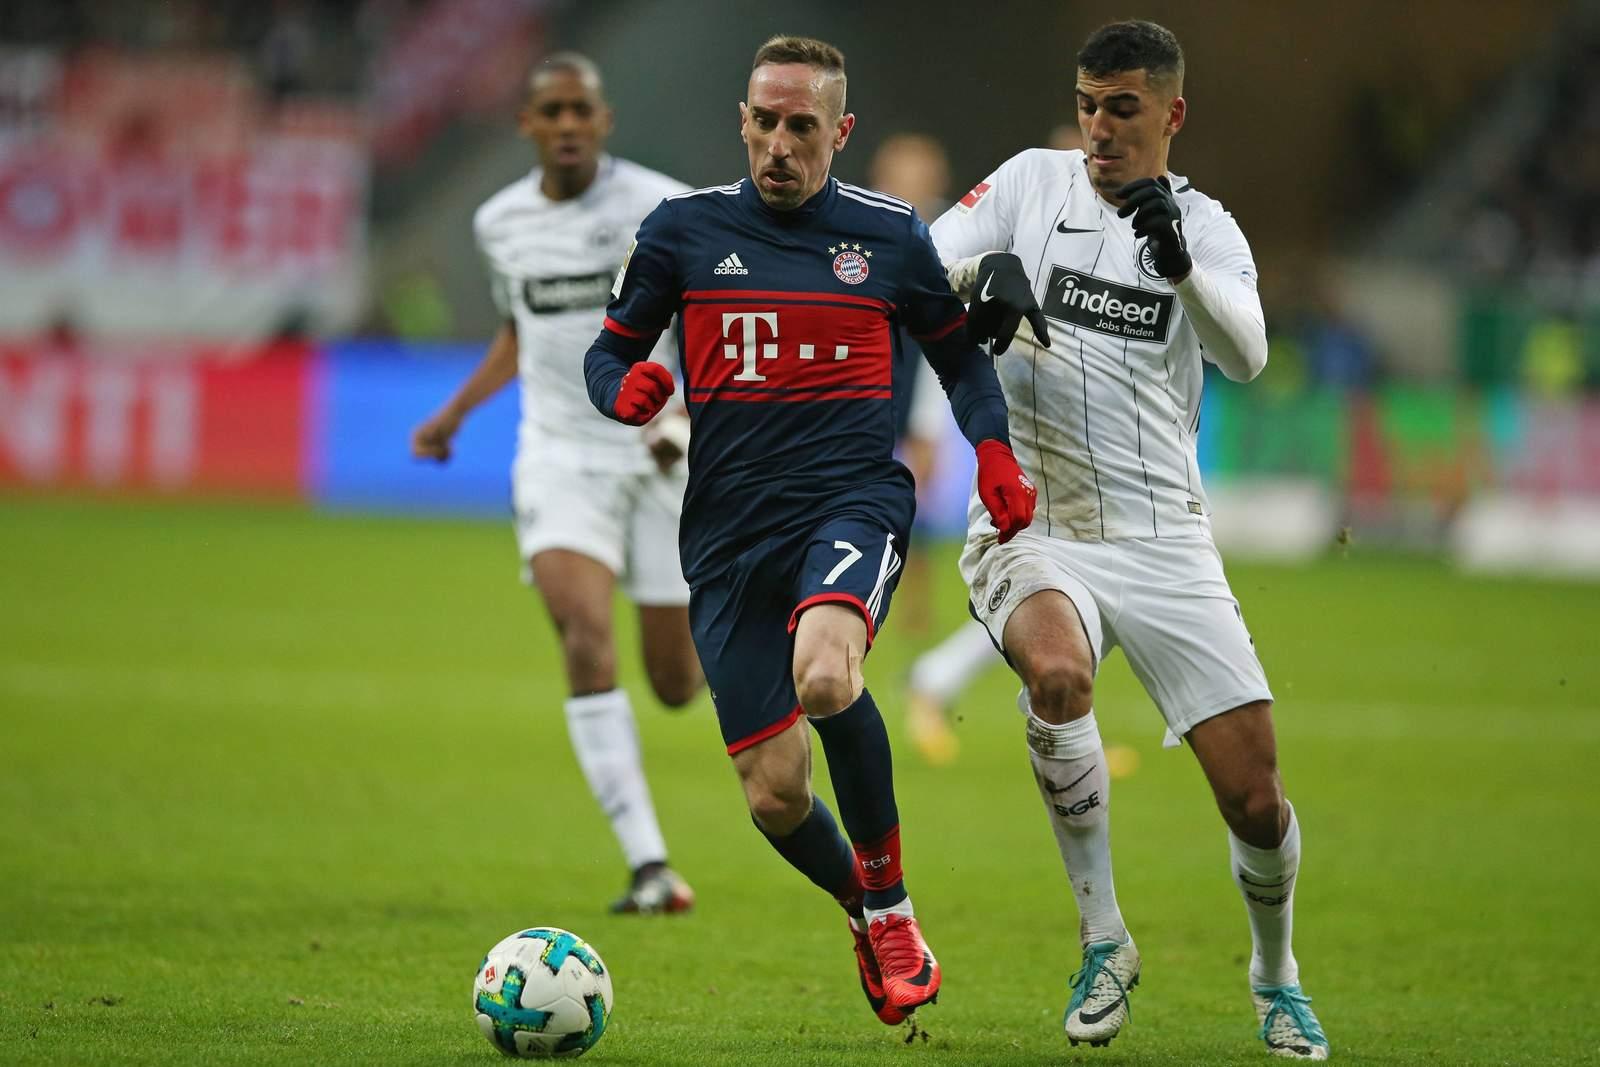 Setzt sich Ribery wieder durch? Jetzt auf Eintracht Frankfurt gegen Bayern wetten